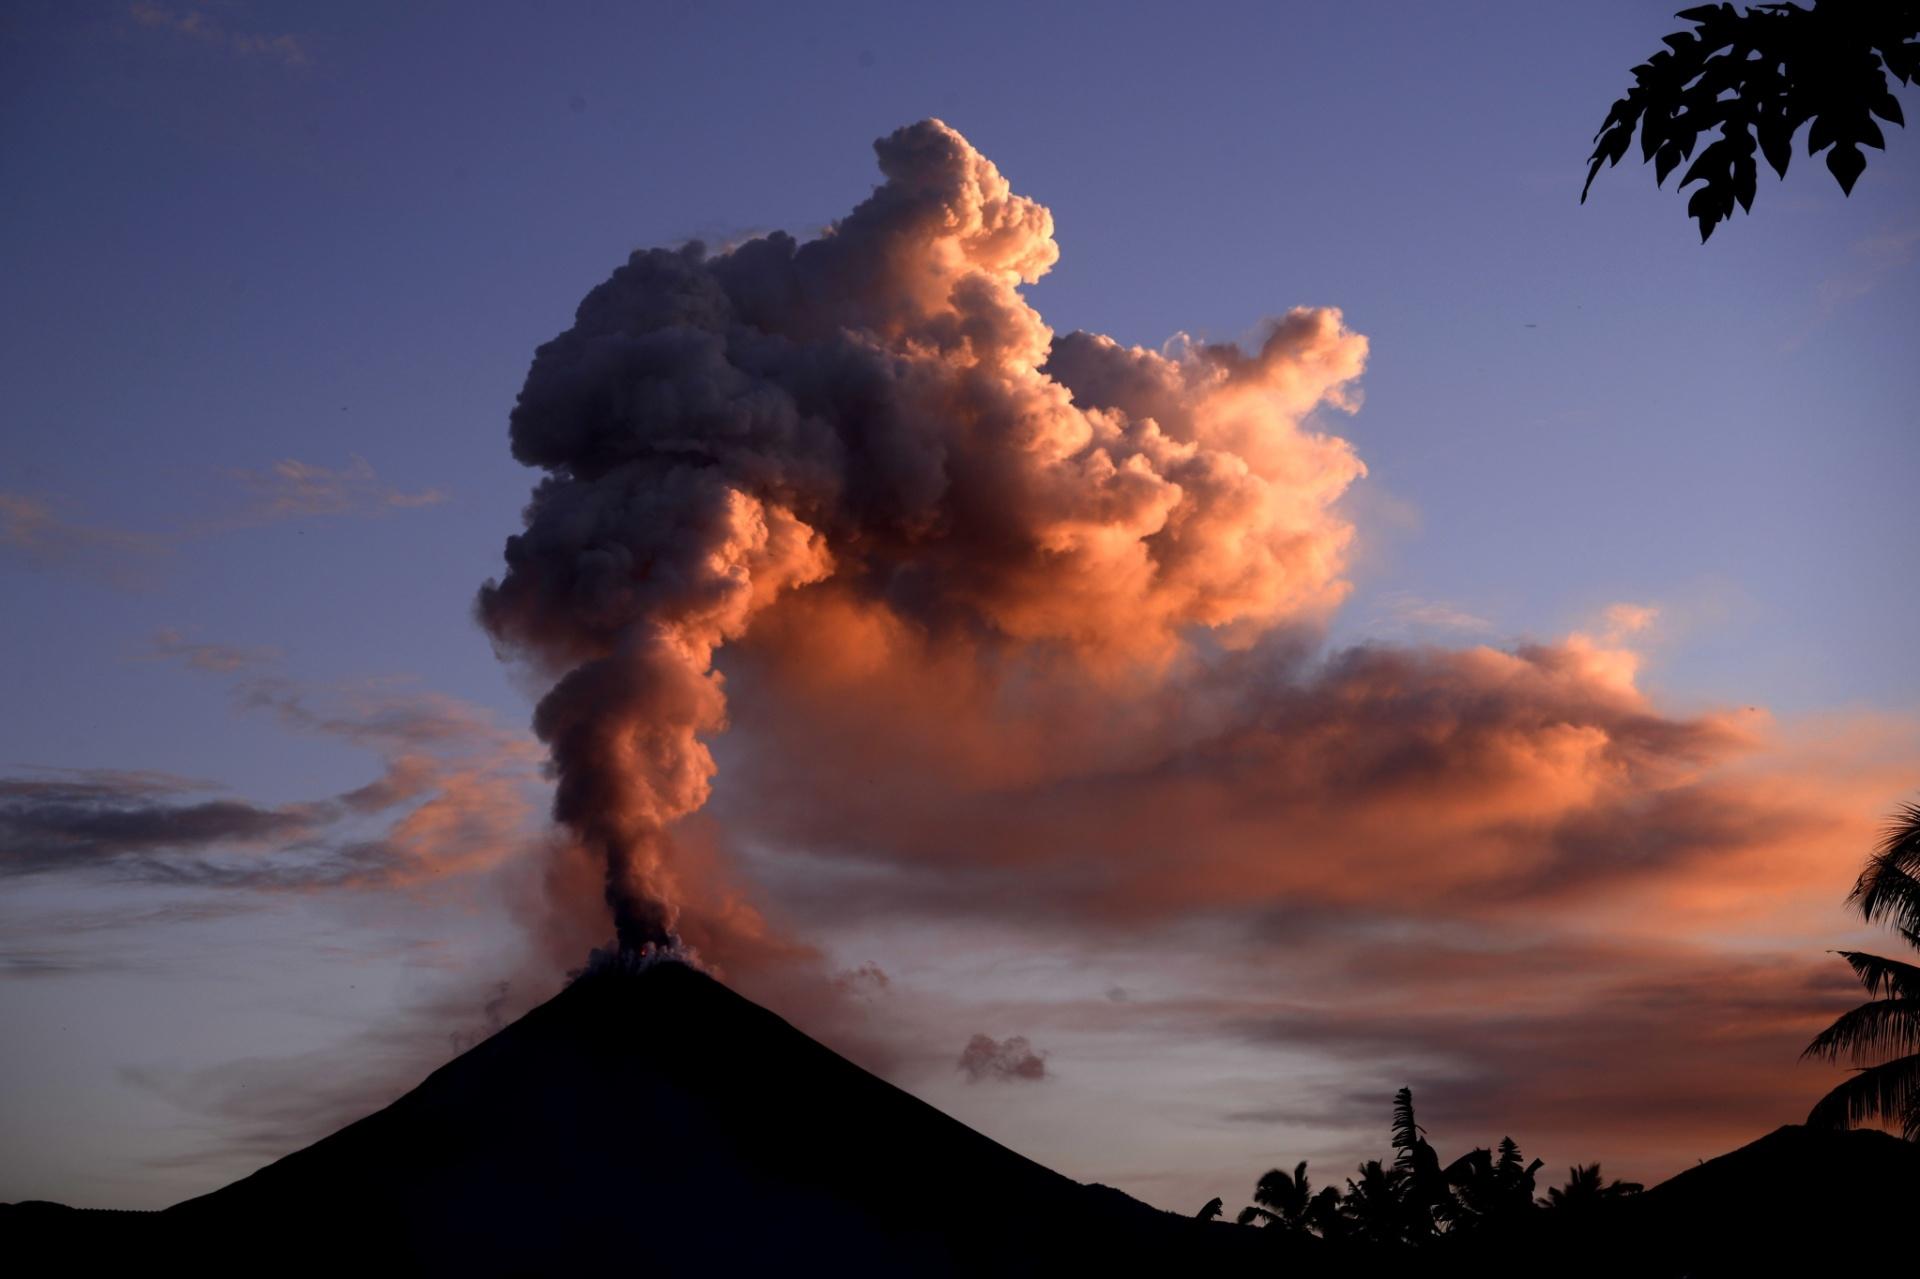 5.jan.2016 - O monte Soputan, na Indonésia, expele cinzas durante erupção. O vulcão é um dos mais ativos do país e sua erupção anterior foi em março de 2015